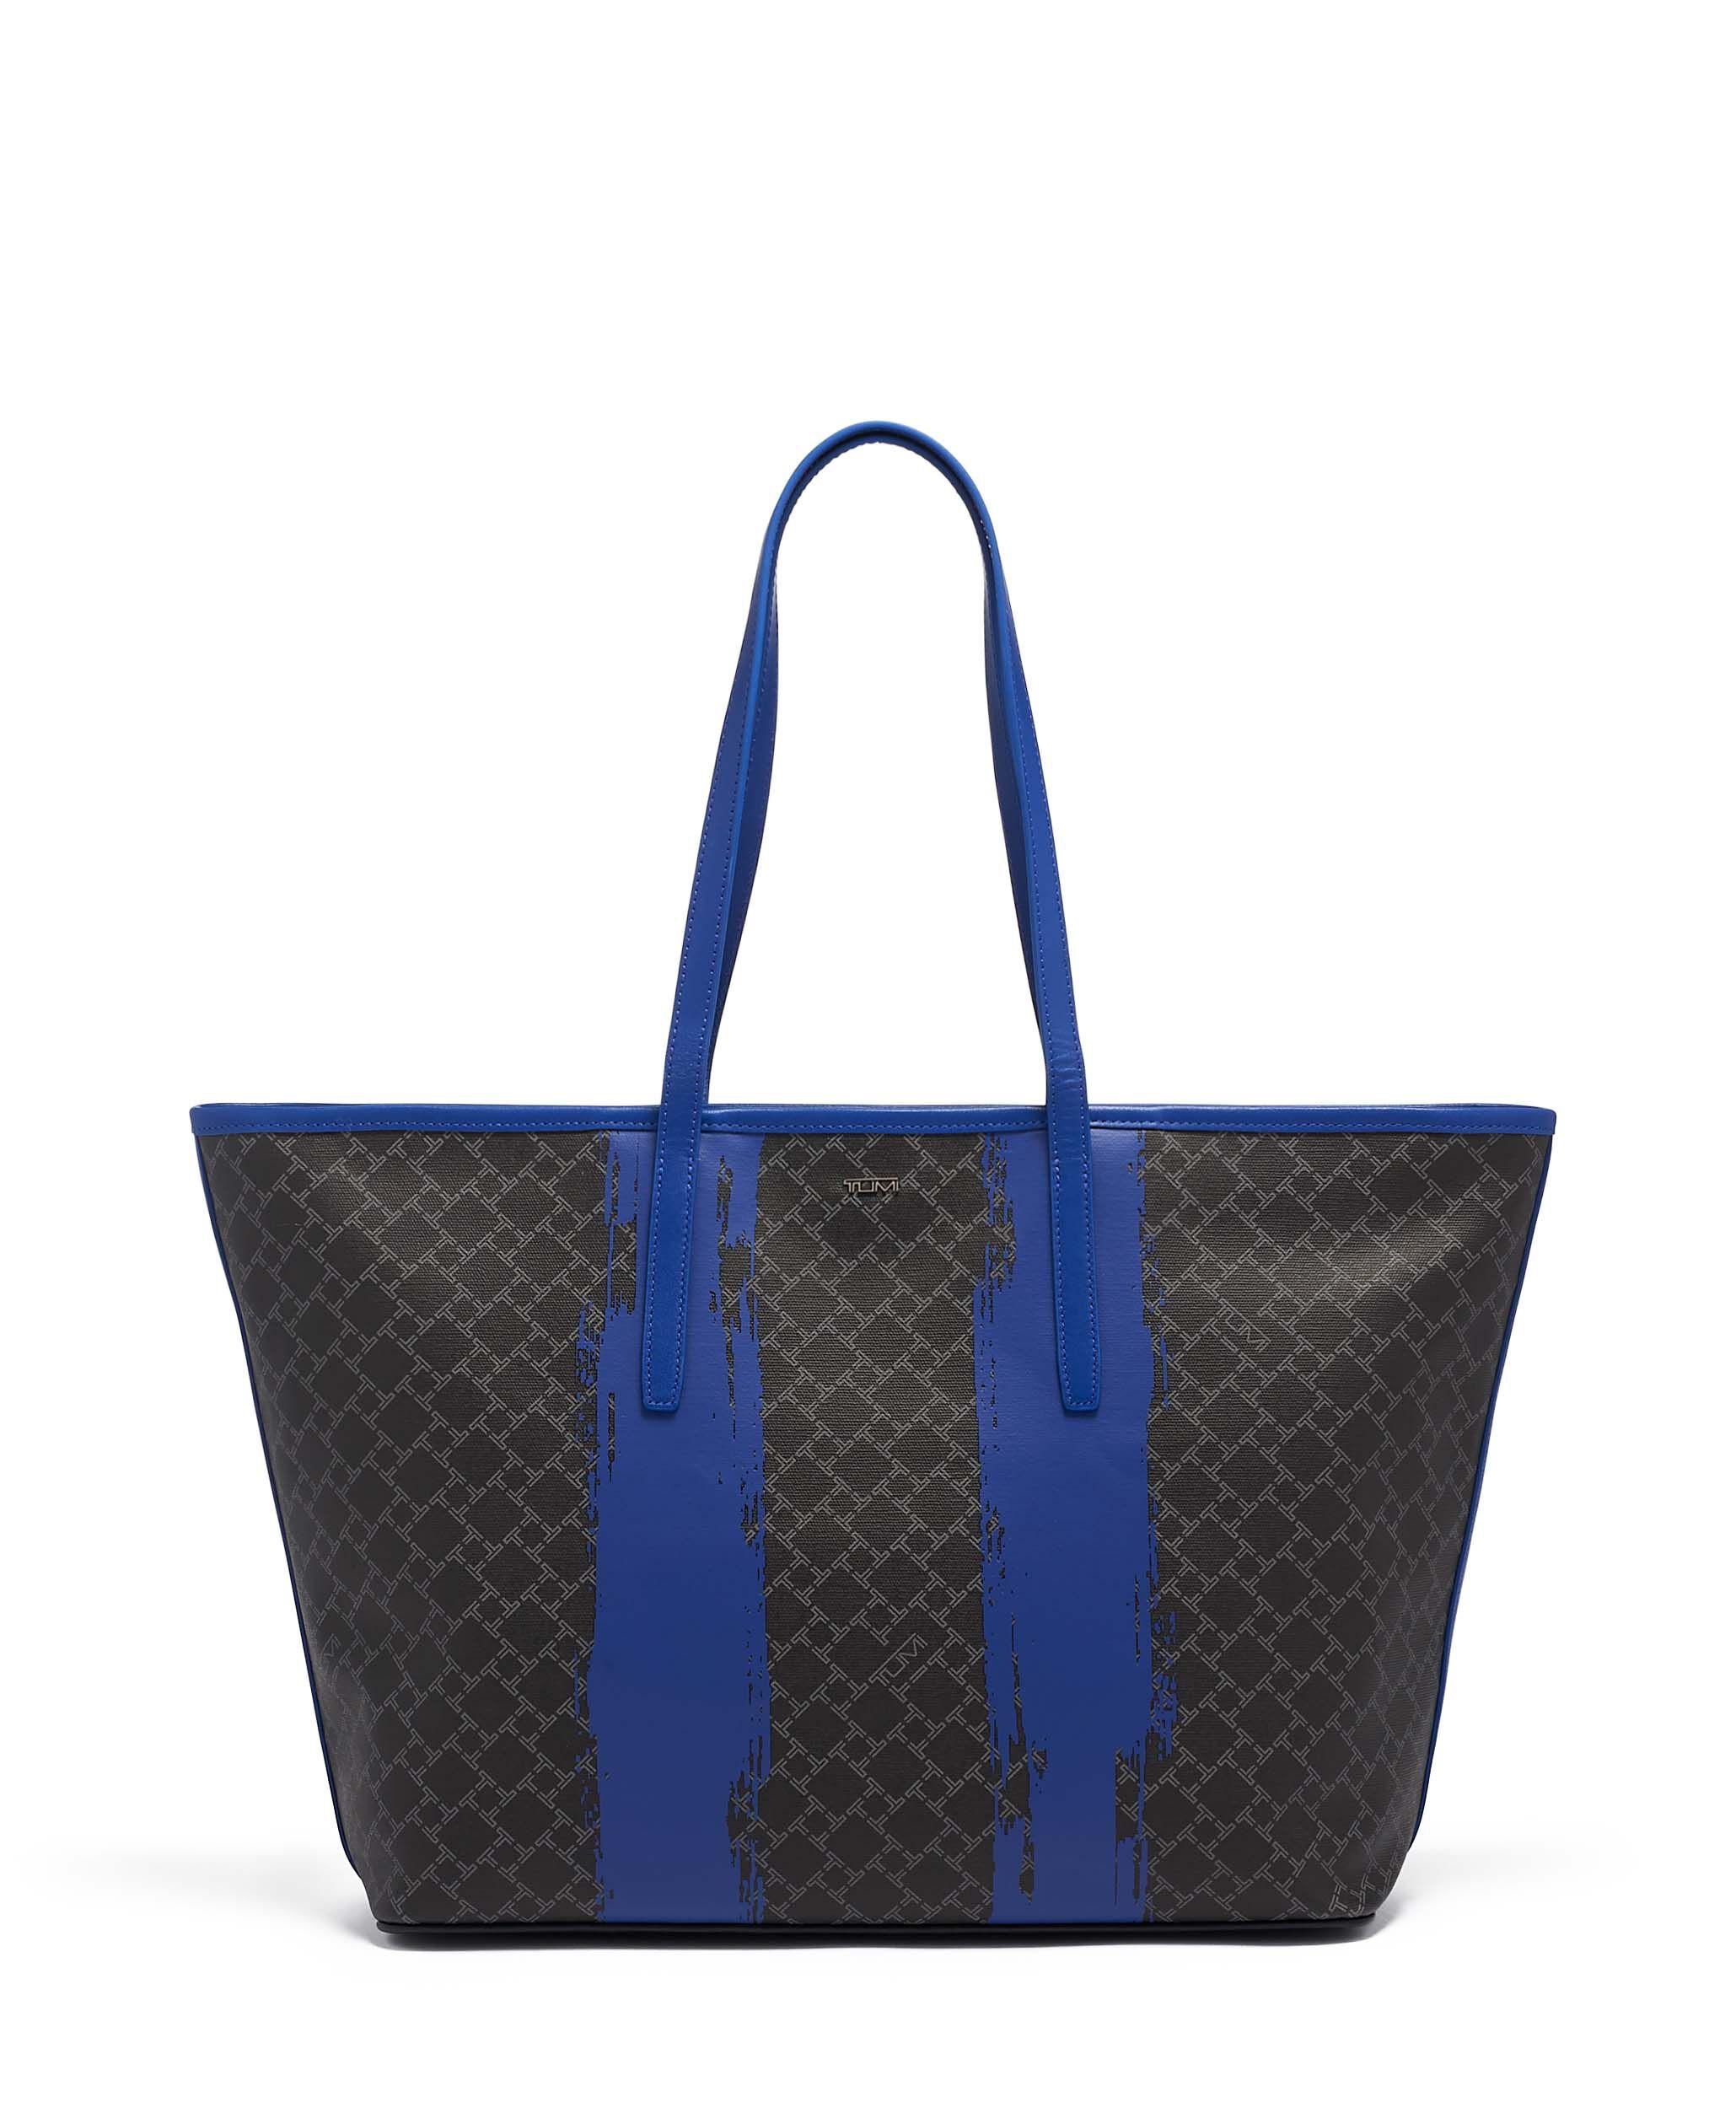 Bolsos De Mujer Lujo Marca ViajeTumi® Con Totes » Diseño Para gf6b7y